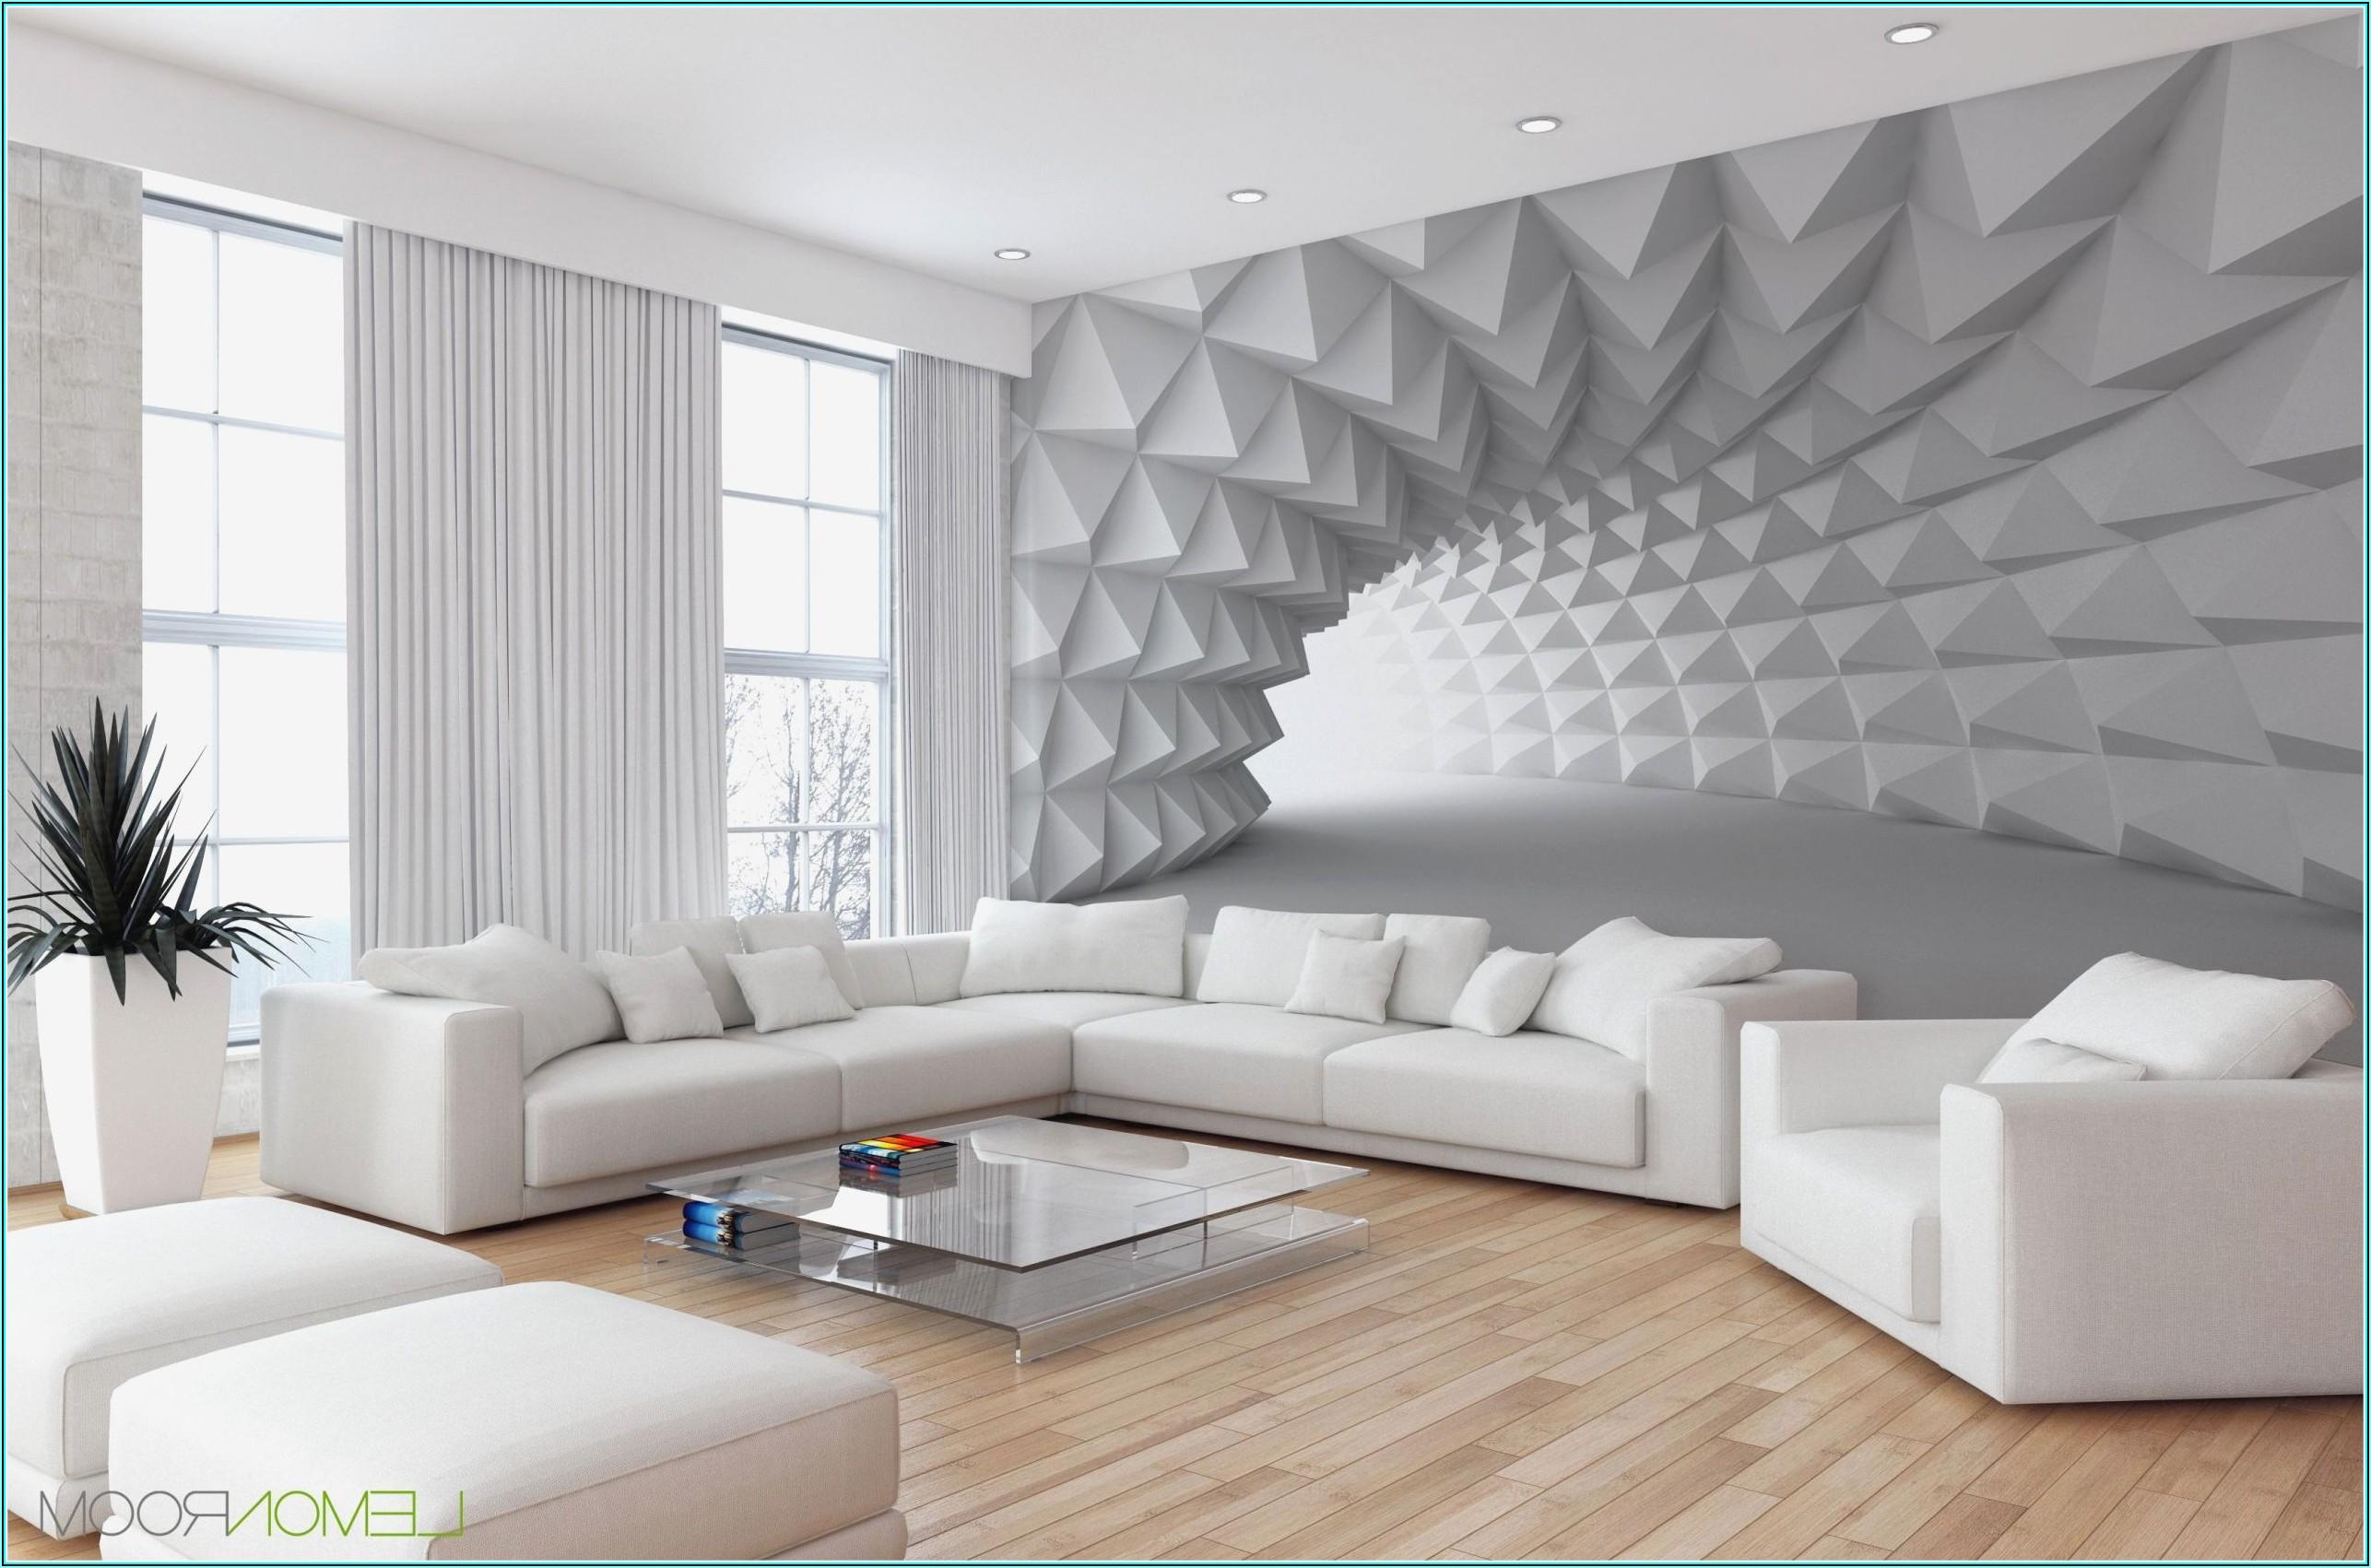 Wohnzimmer Tapeten Bilder